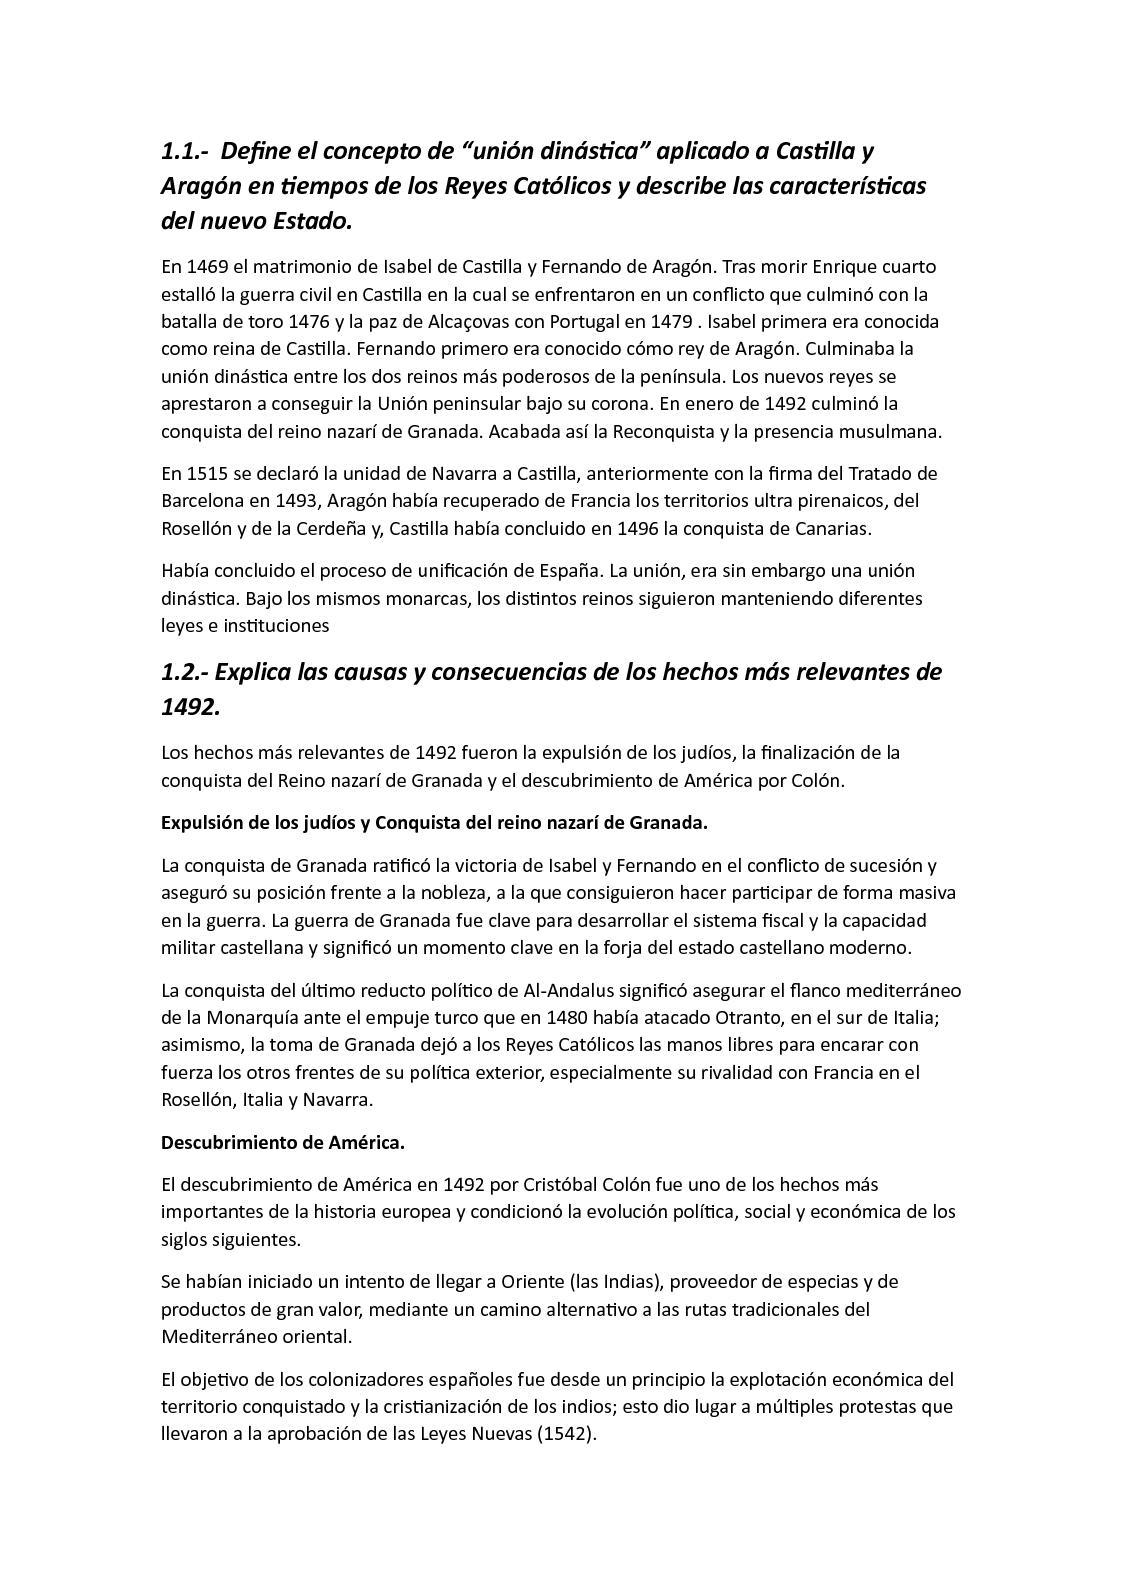 Calam o est ndares tema 3 for Enrique cuarto de castilla